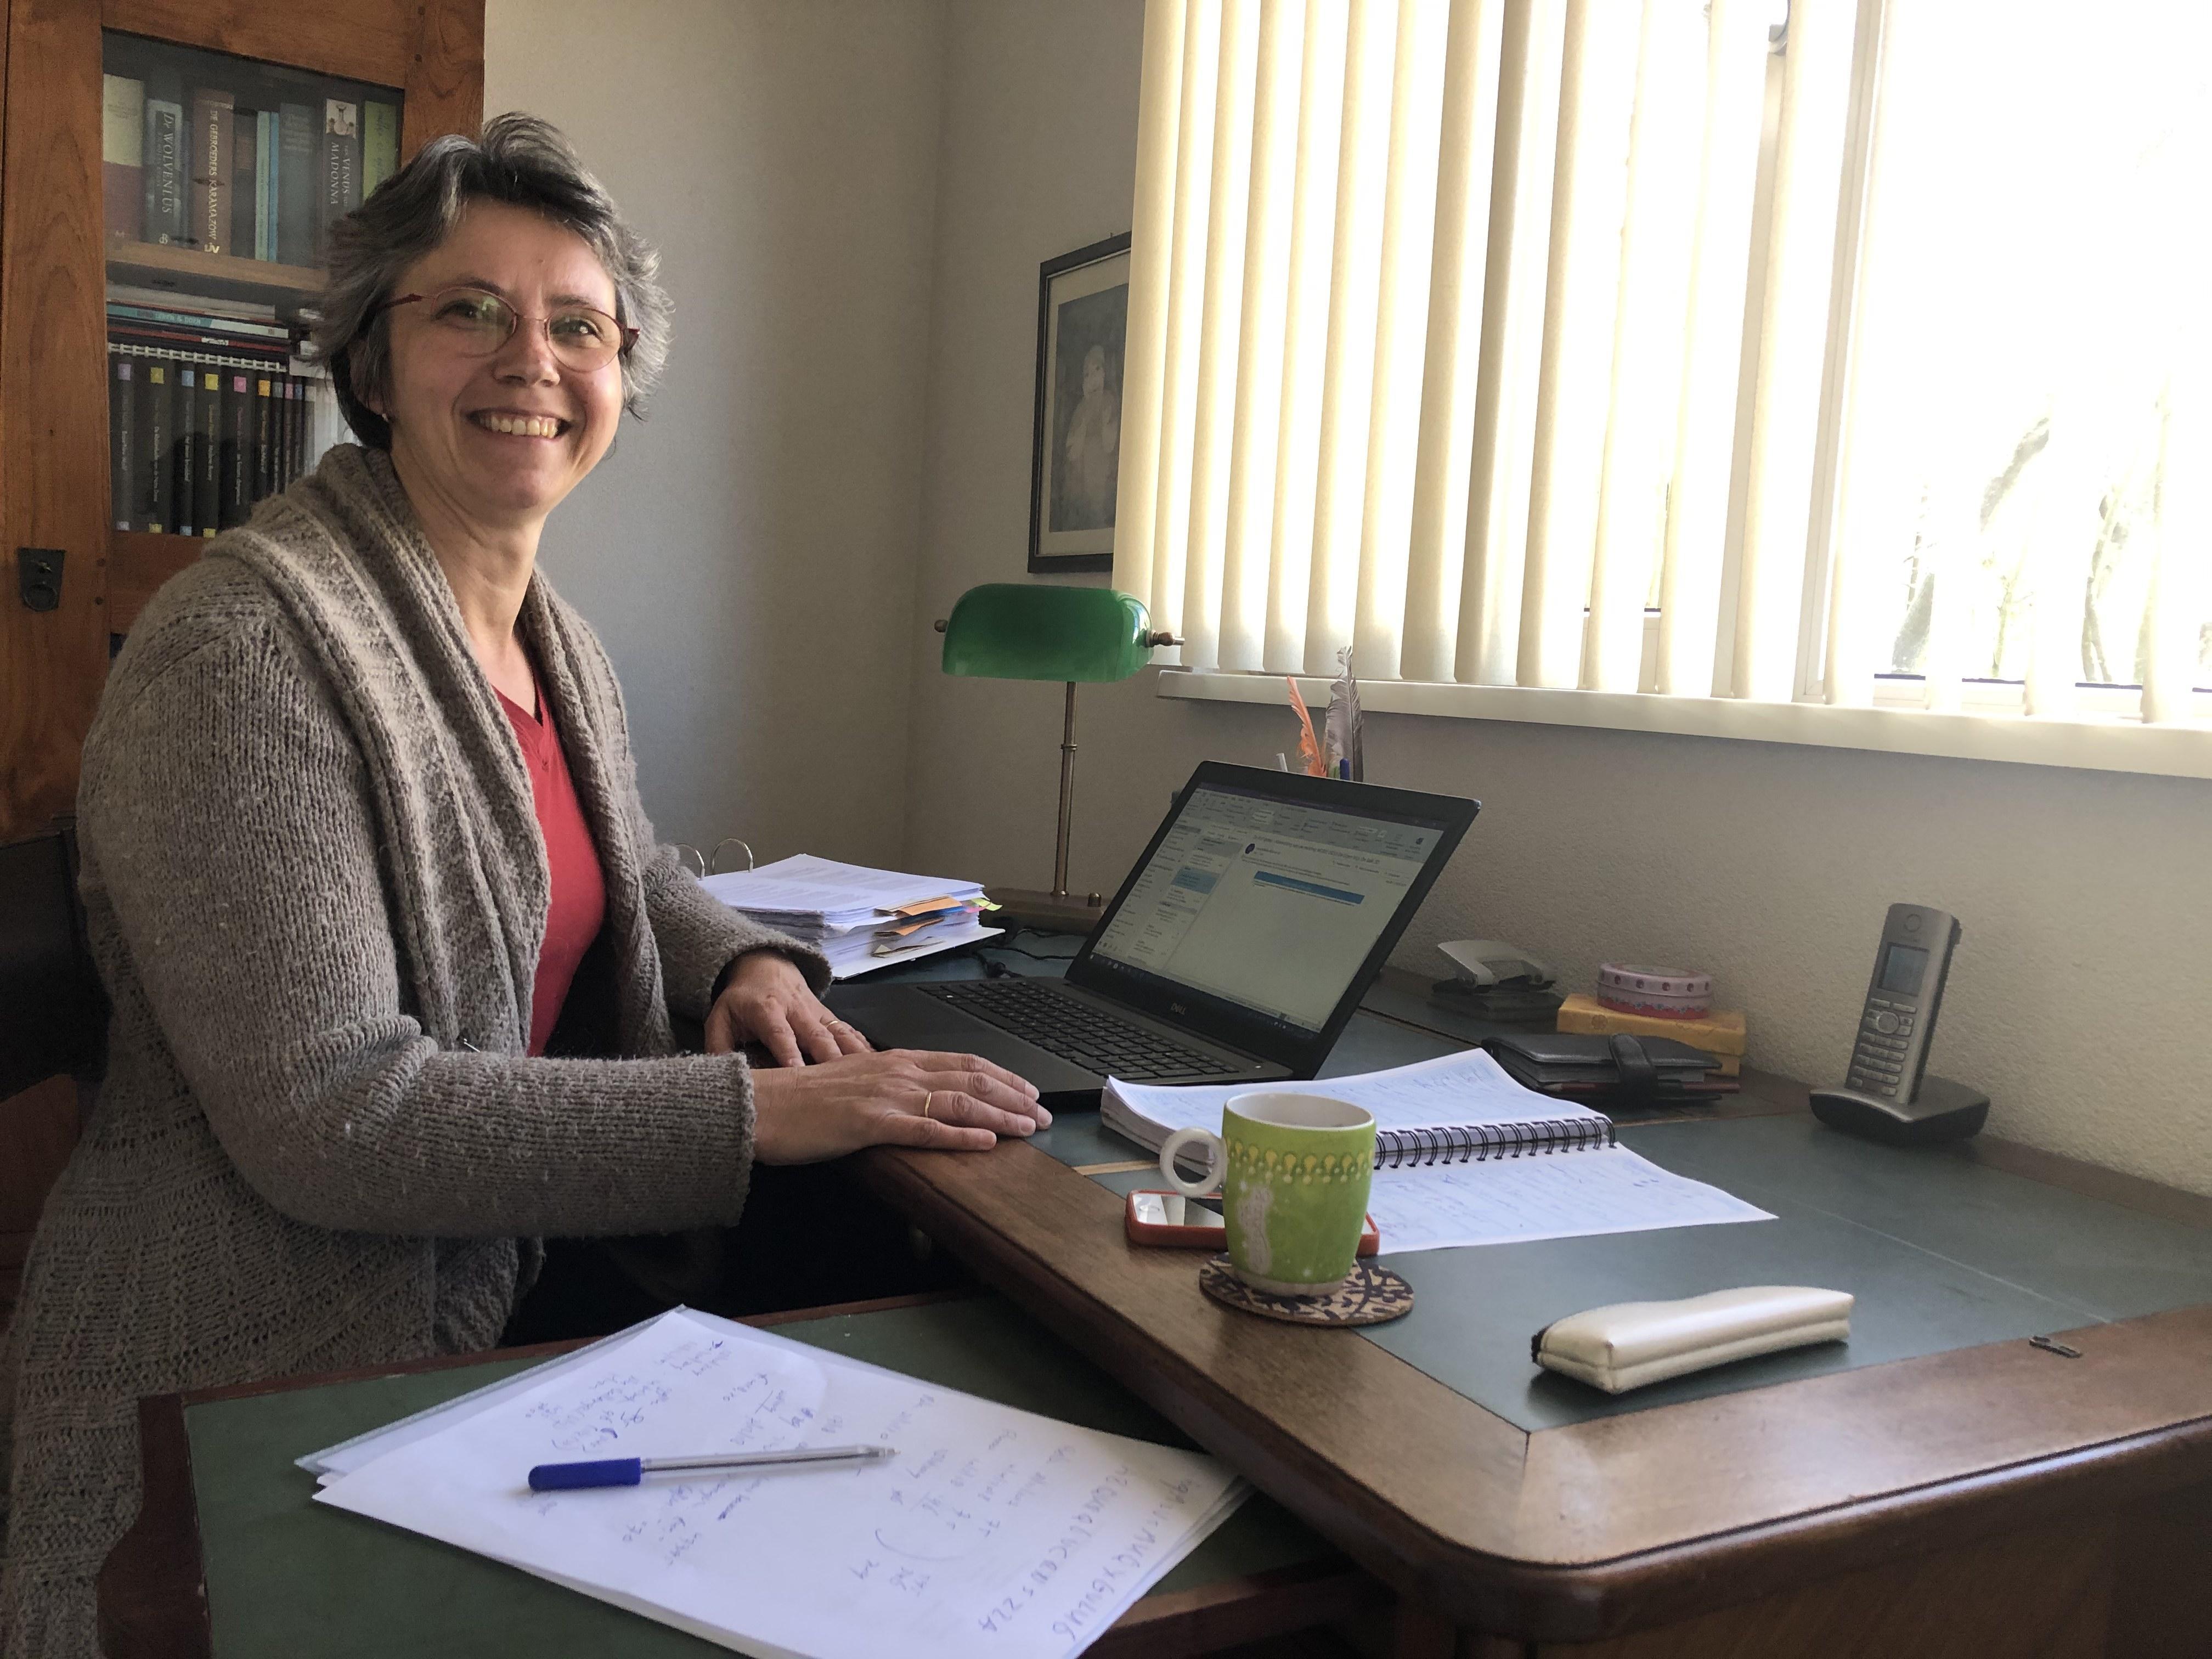 Door ouders opgerichte basisschool De Eigen Wijs in Wormer scoort voldoendes: 'We zijn supertrots, alles staat op groen' [video]